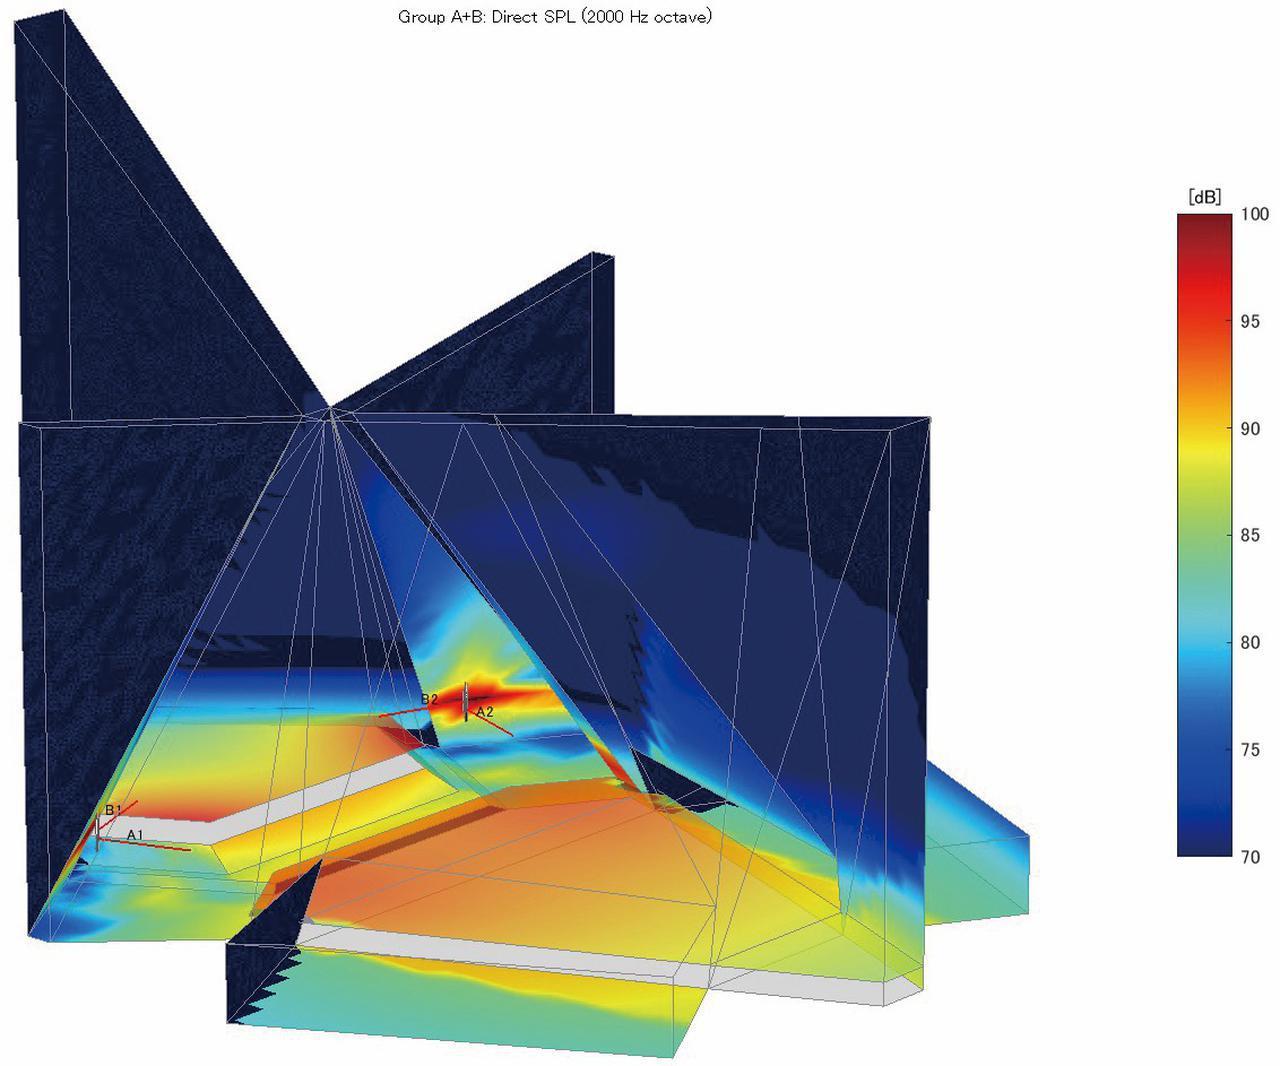 画像: 「Intellivox」の専用ソフトウェア「DDA」でのシミュレーション・データ。祭壇と会衆席の隅々までを均一な音圧でカバーしながらも、不要な残響音の原因となる壁への音の放射は最小限に抑えられていることが分かる